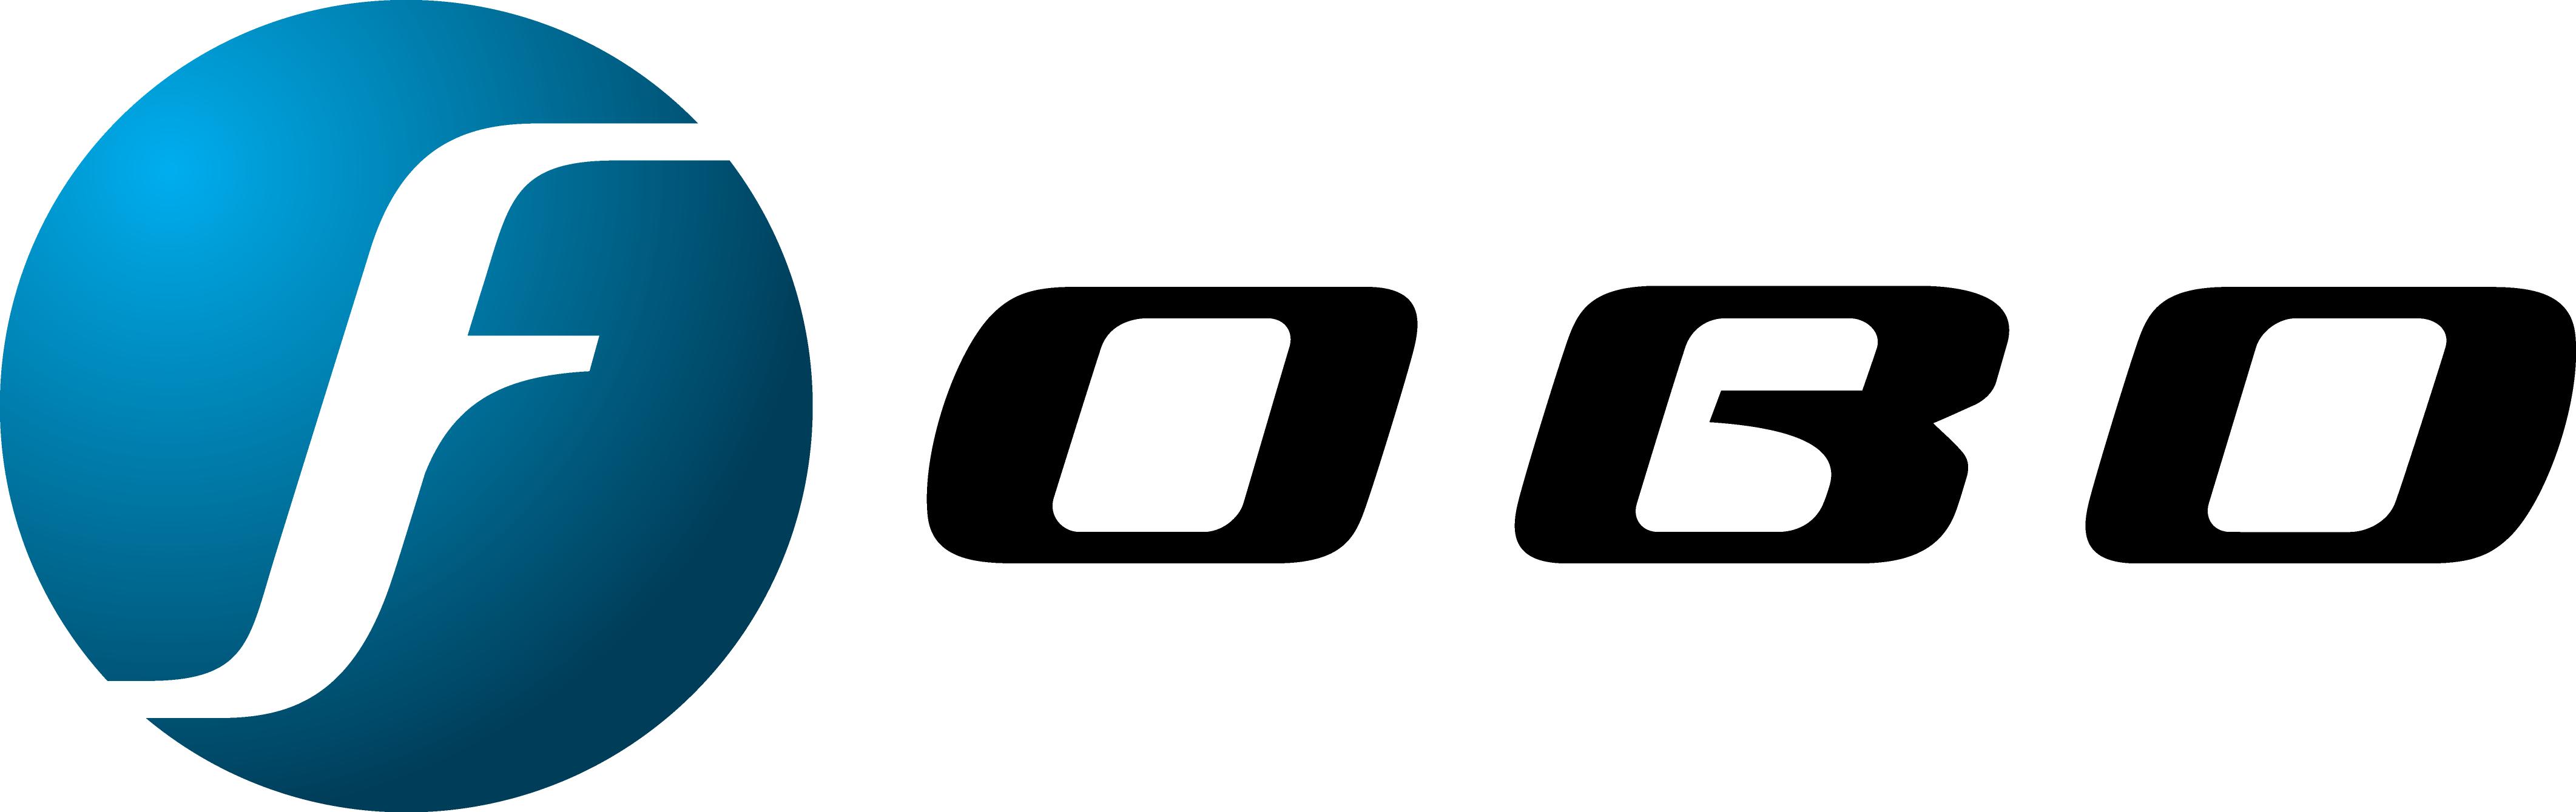 Fobo-Tyre Logo